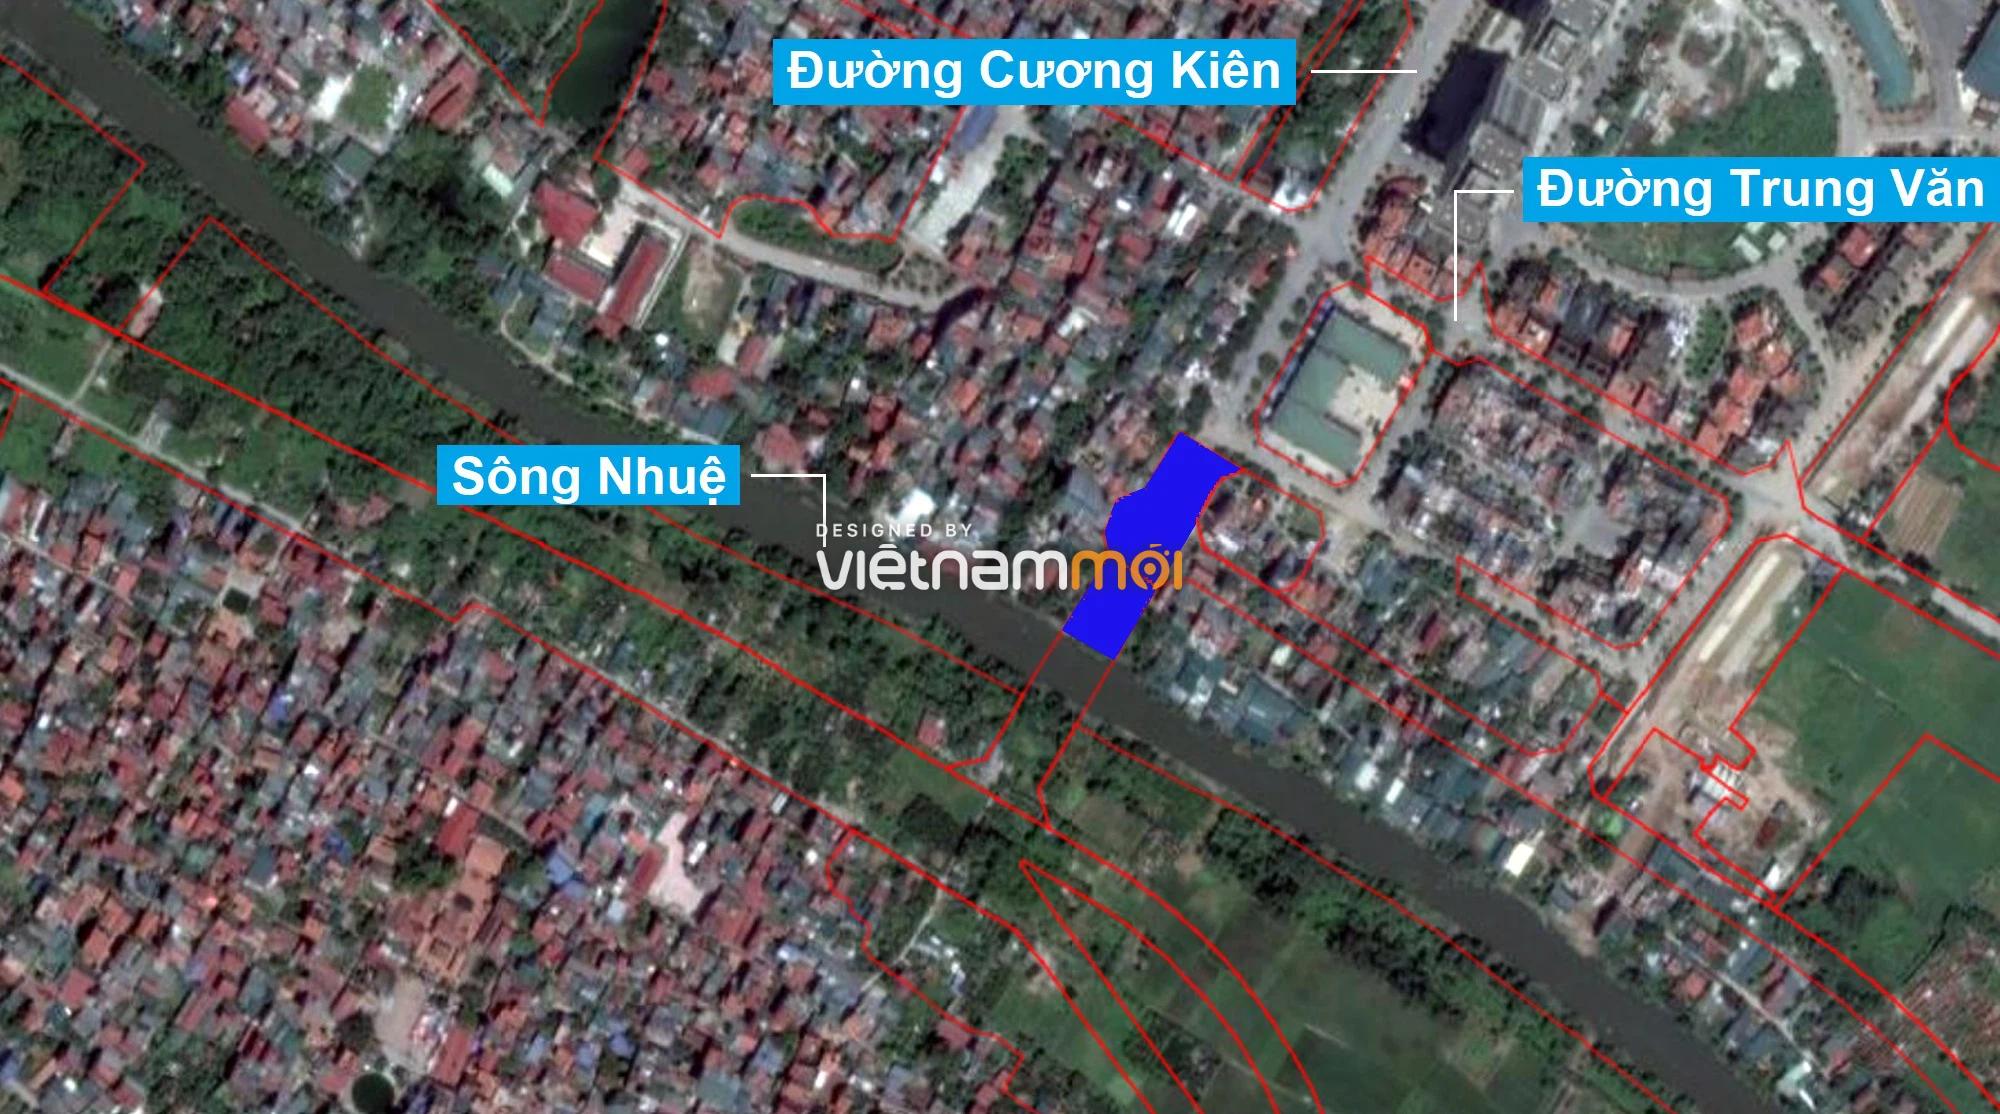 Những khu đất sắp thu hồi để mở đường ở phường Trung Văn, Nam Từ Liêm, Hà Nội (phần 1) - Ảnh 2.